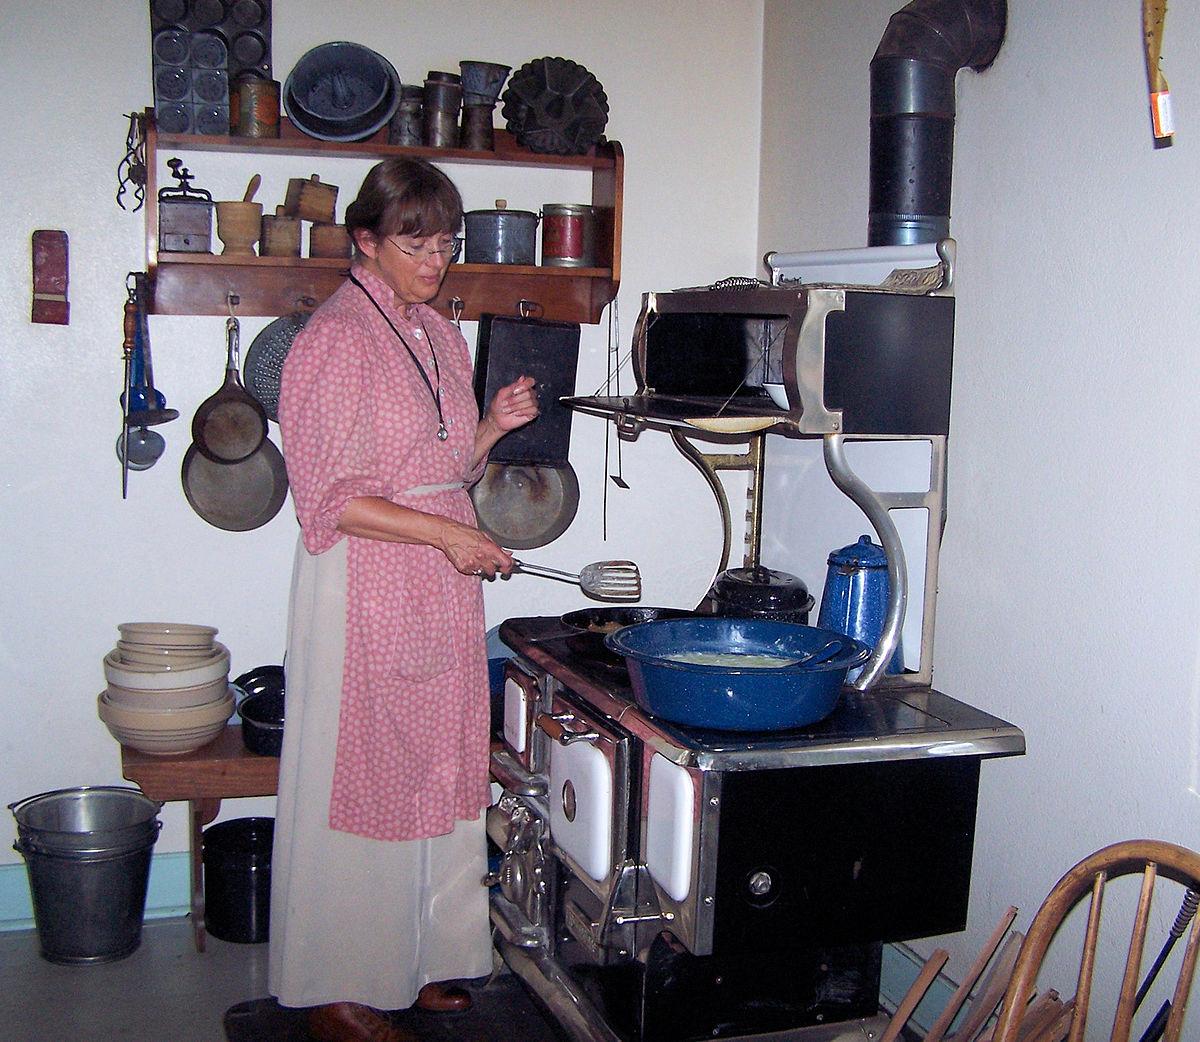 european kitchen gadgets coral decor sociedad preindustrial wikipedia la enciclopedia libre